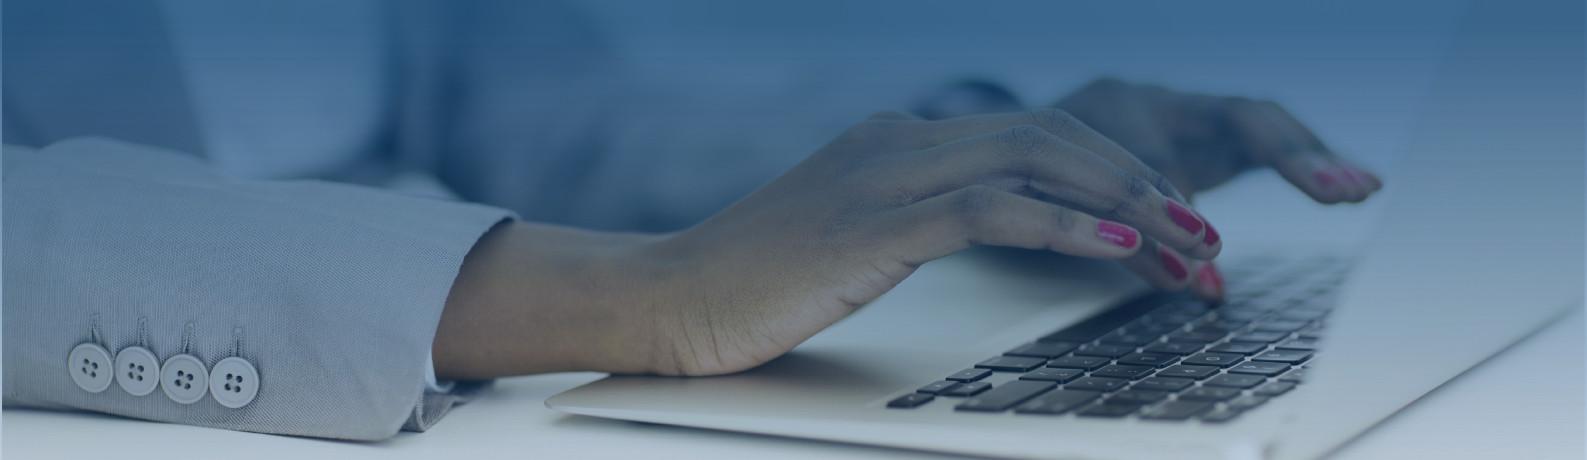 http://serpro.gov.br/menu/contato/cliente/duvidas-mais-frequentes/consignantes/consignantes